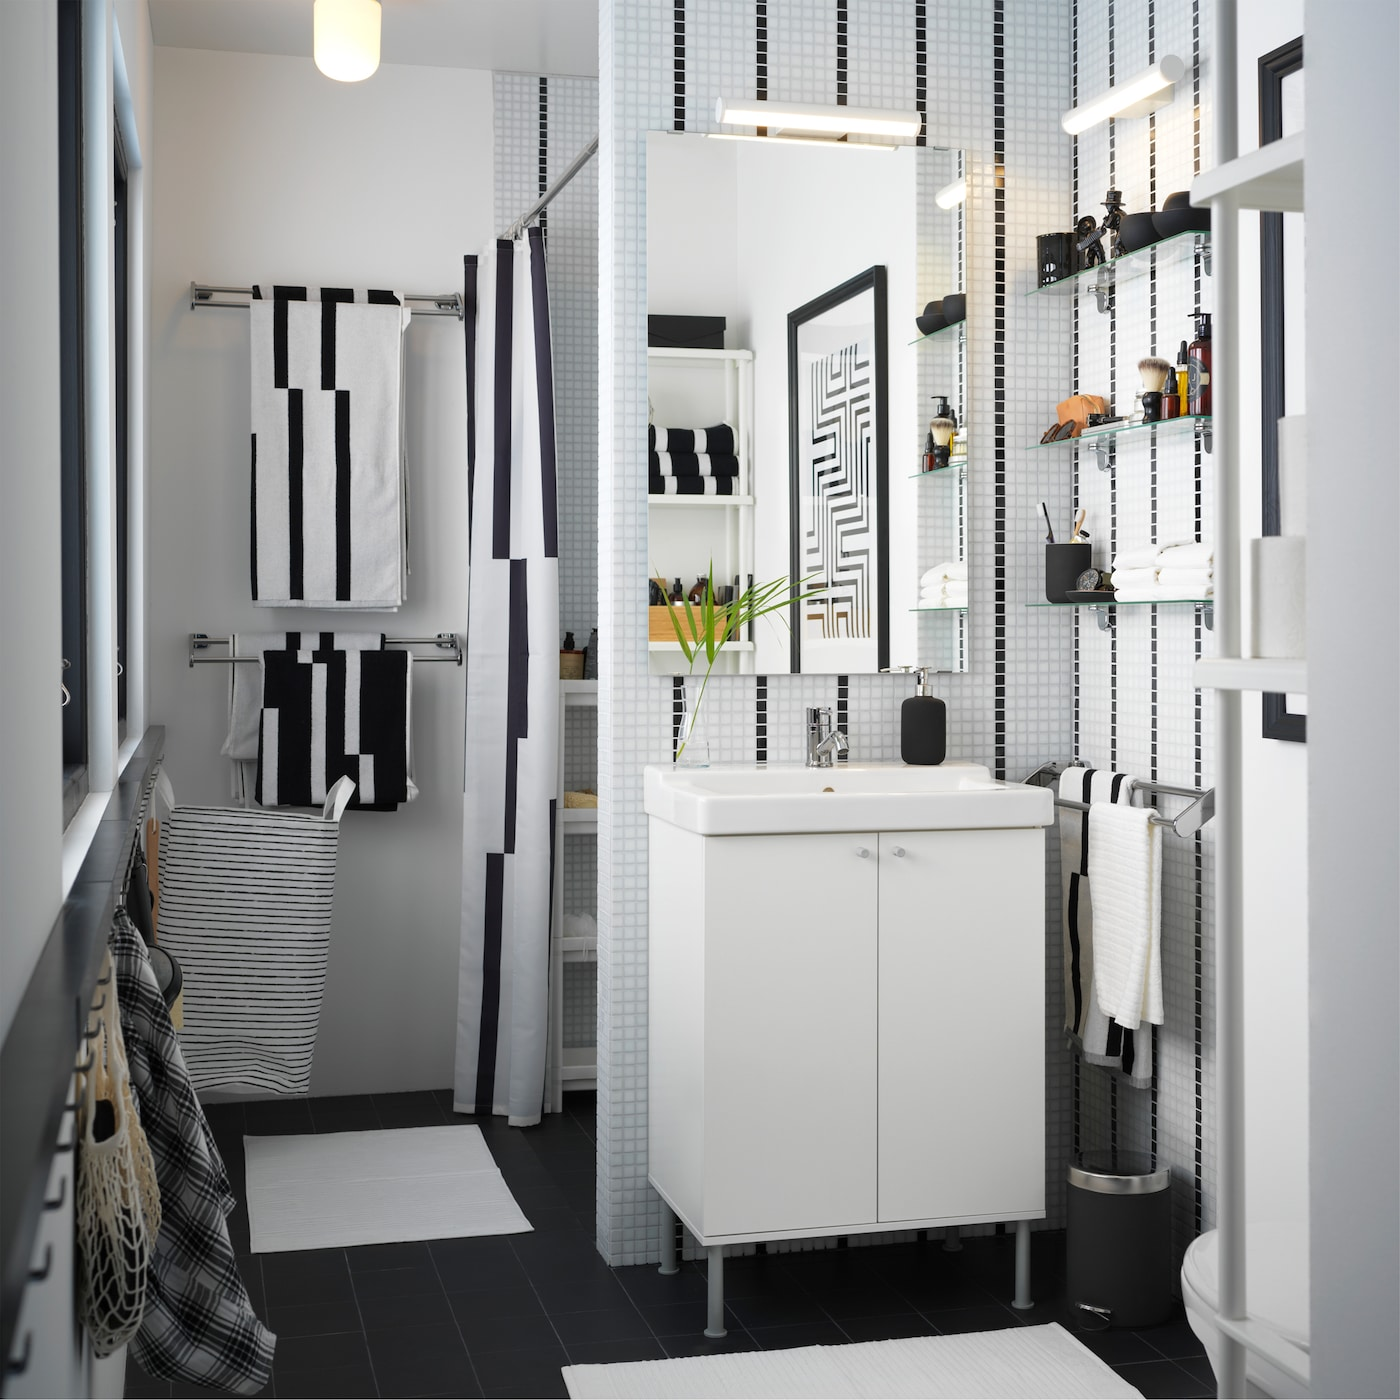 Lavabo blanc, serviettes et rideau de douche rayé dans une petite salle de bains en noir et blanc.